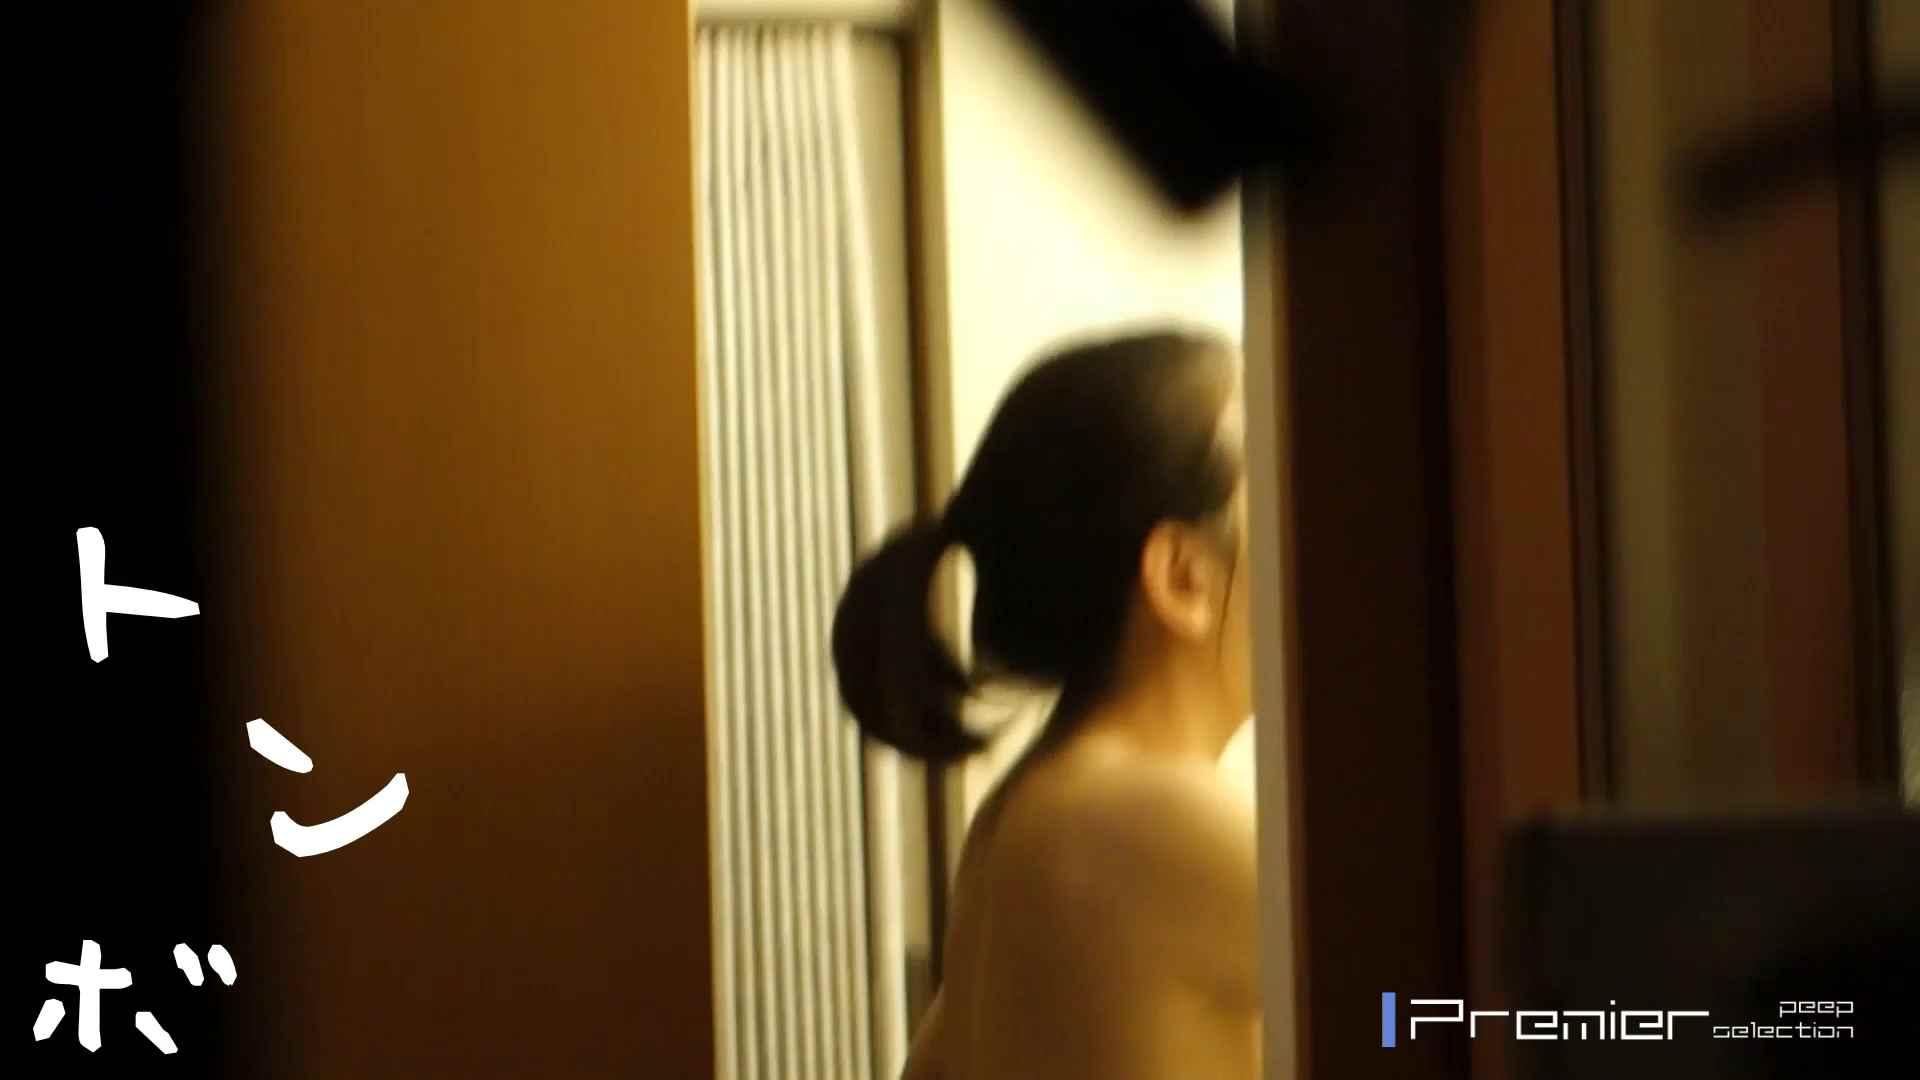 美女達の私生活に潜入!魅惑のOLの私生活 潜入 盗撮画像 109pic 105